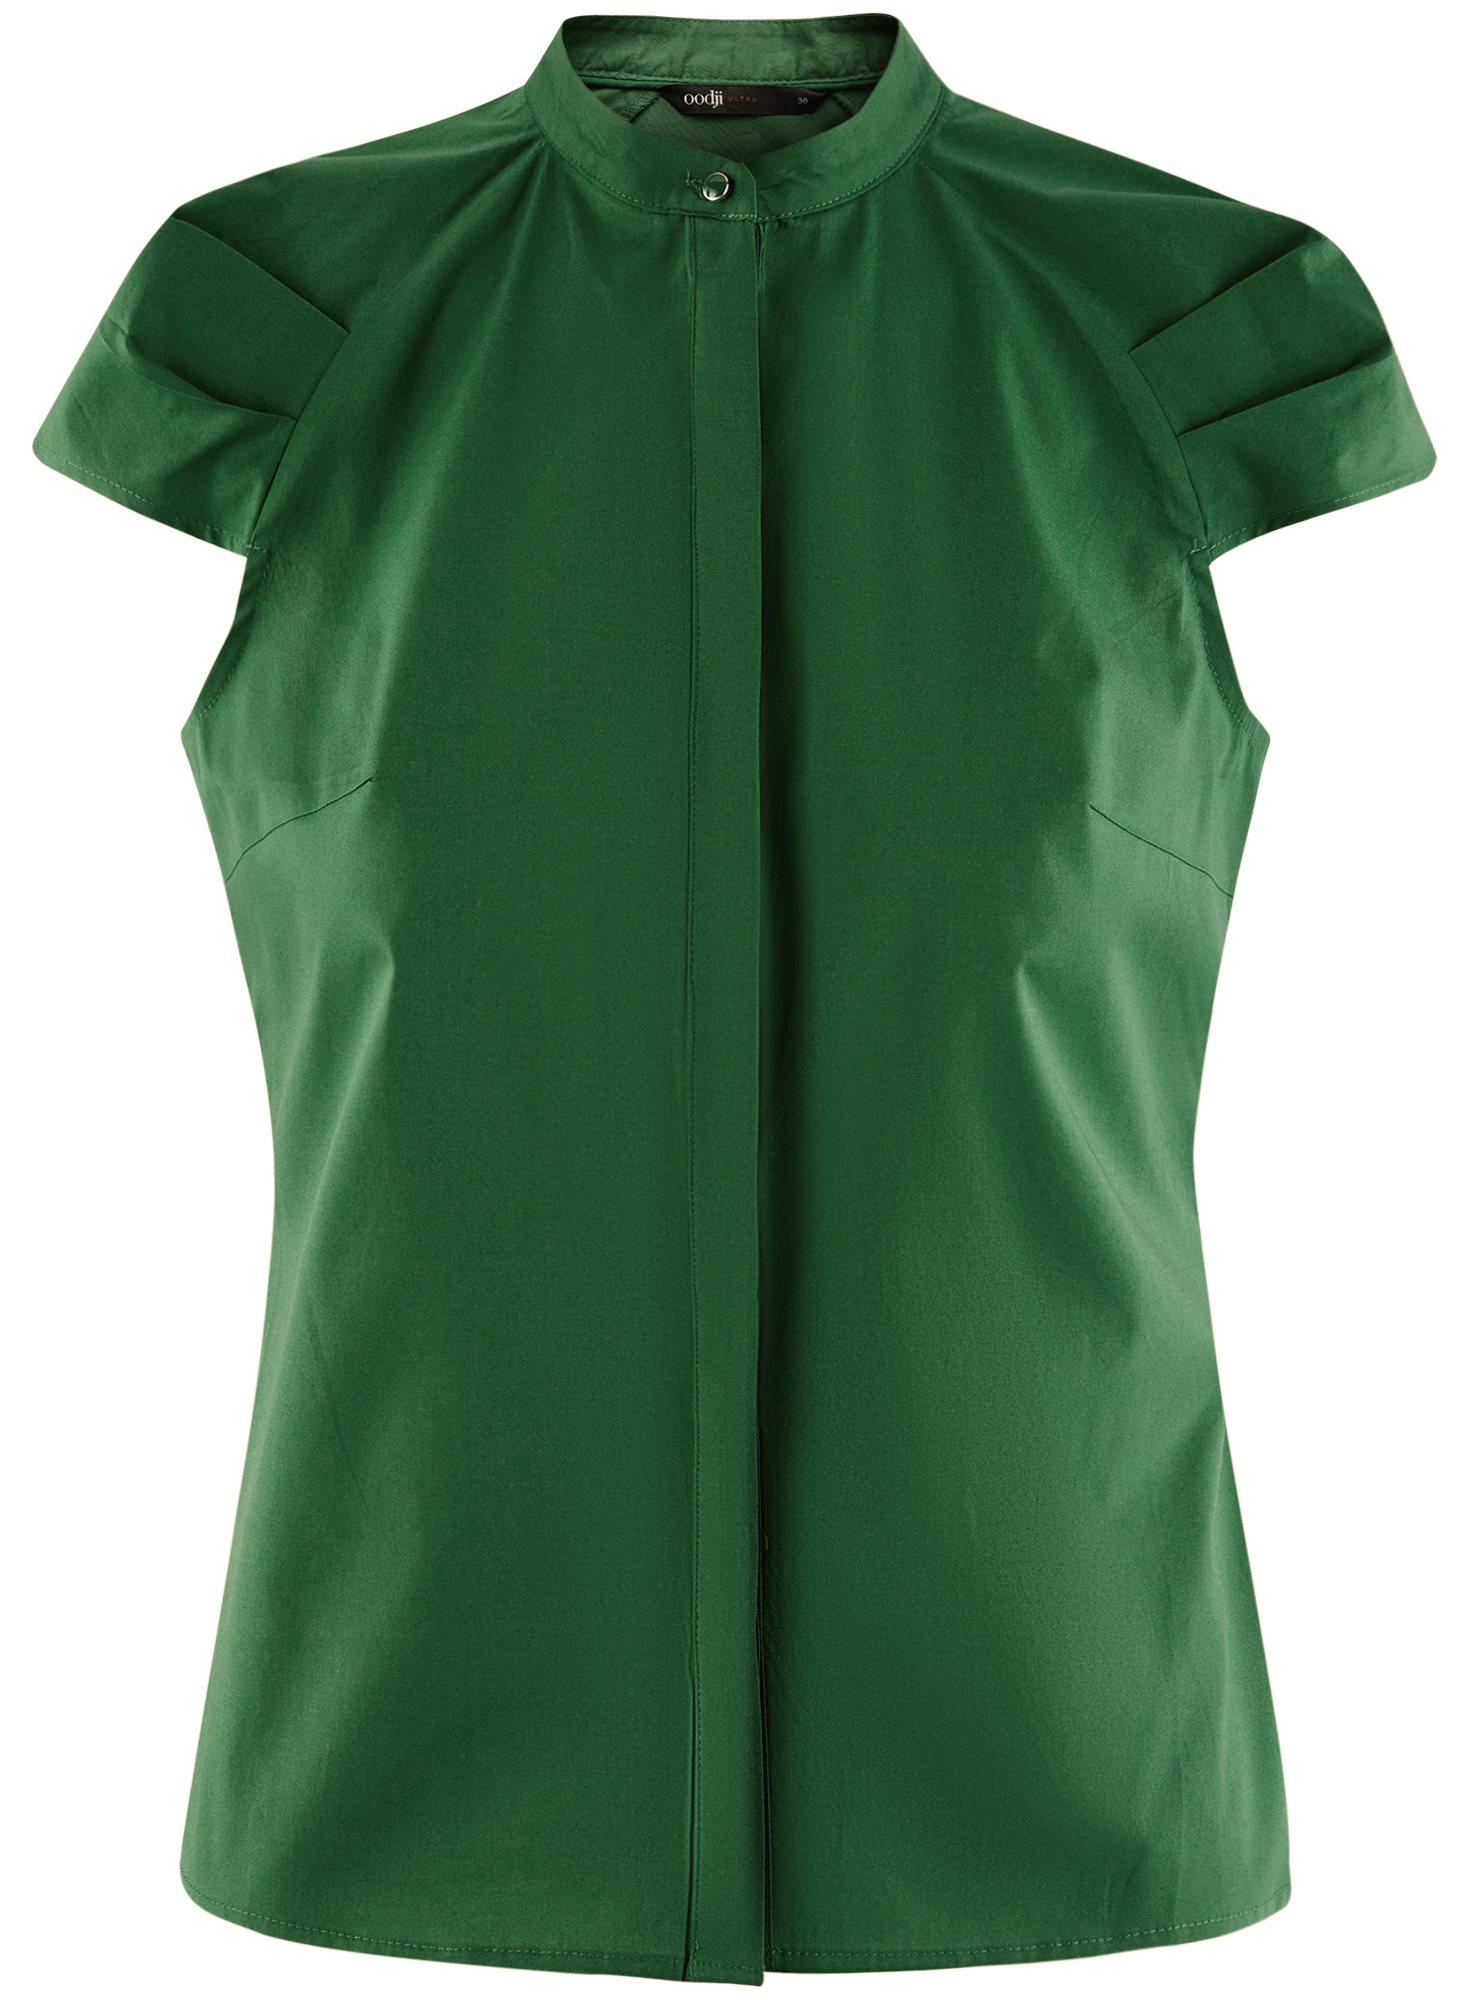 Рубашка с коротким рукавом из хлопка oodji для женщины (зеленый), 11403196-3/26357/6E00N